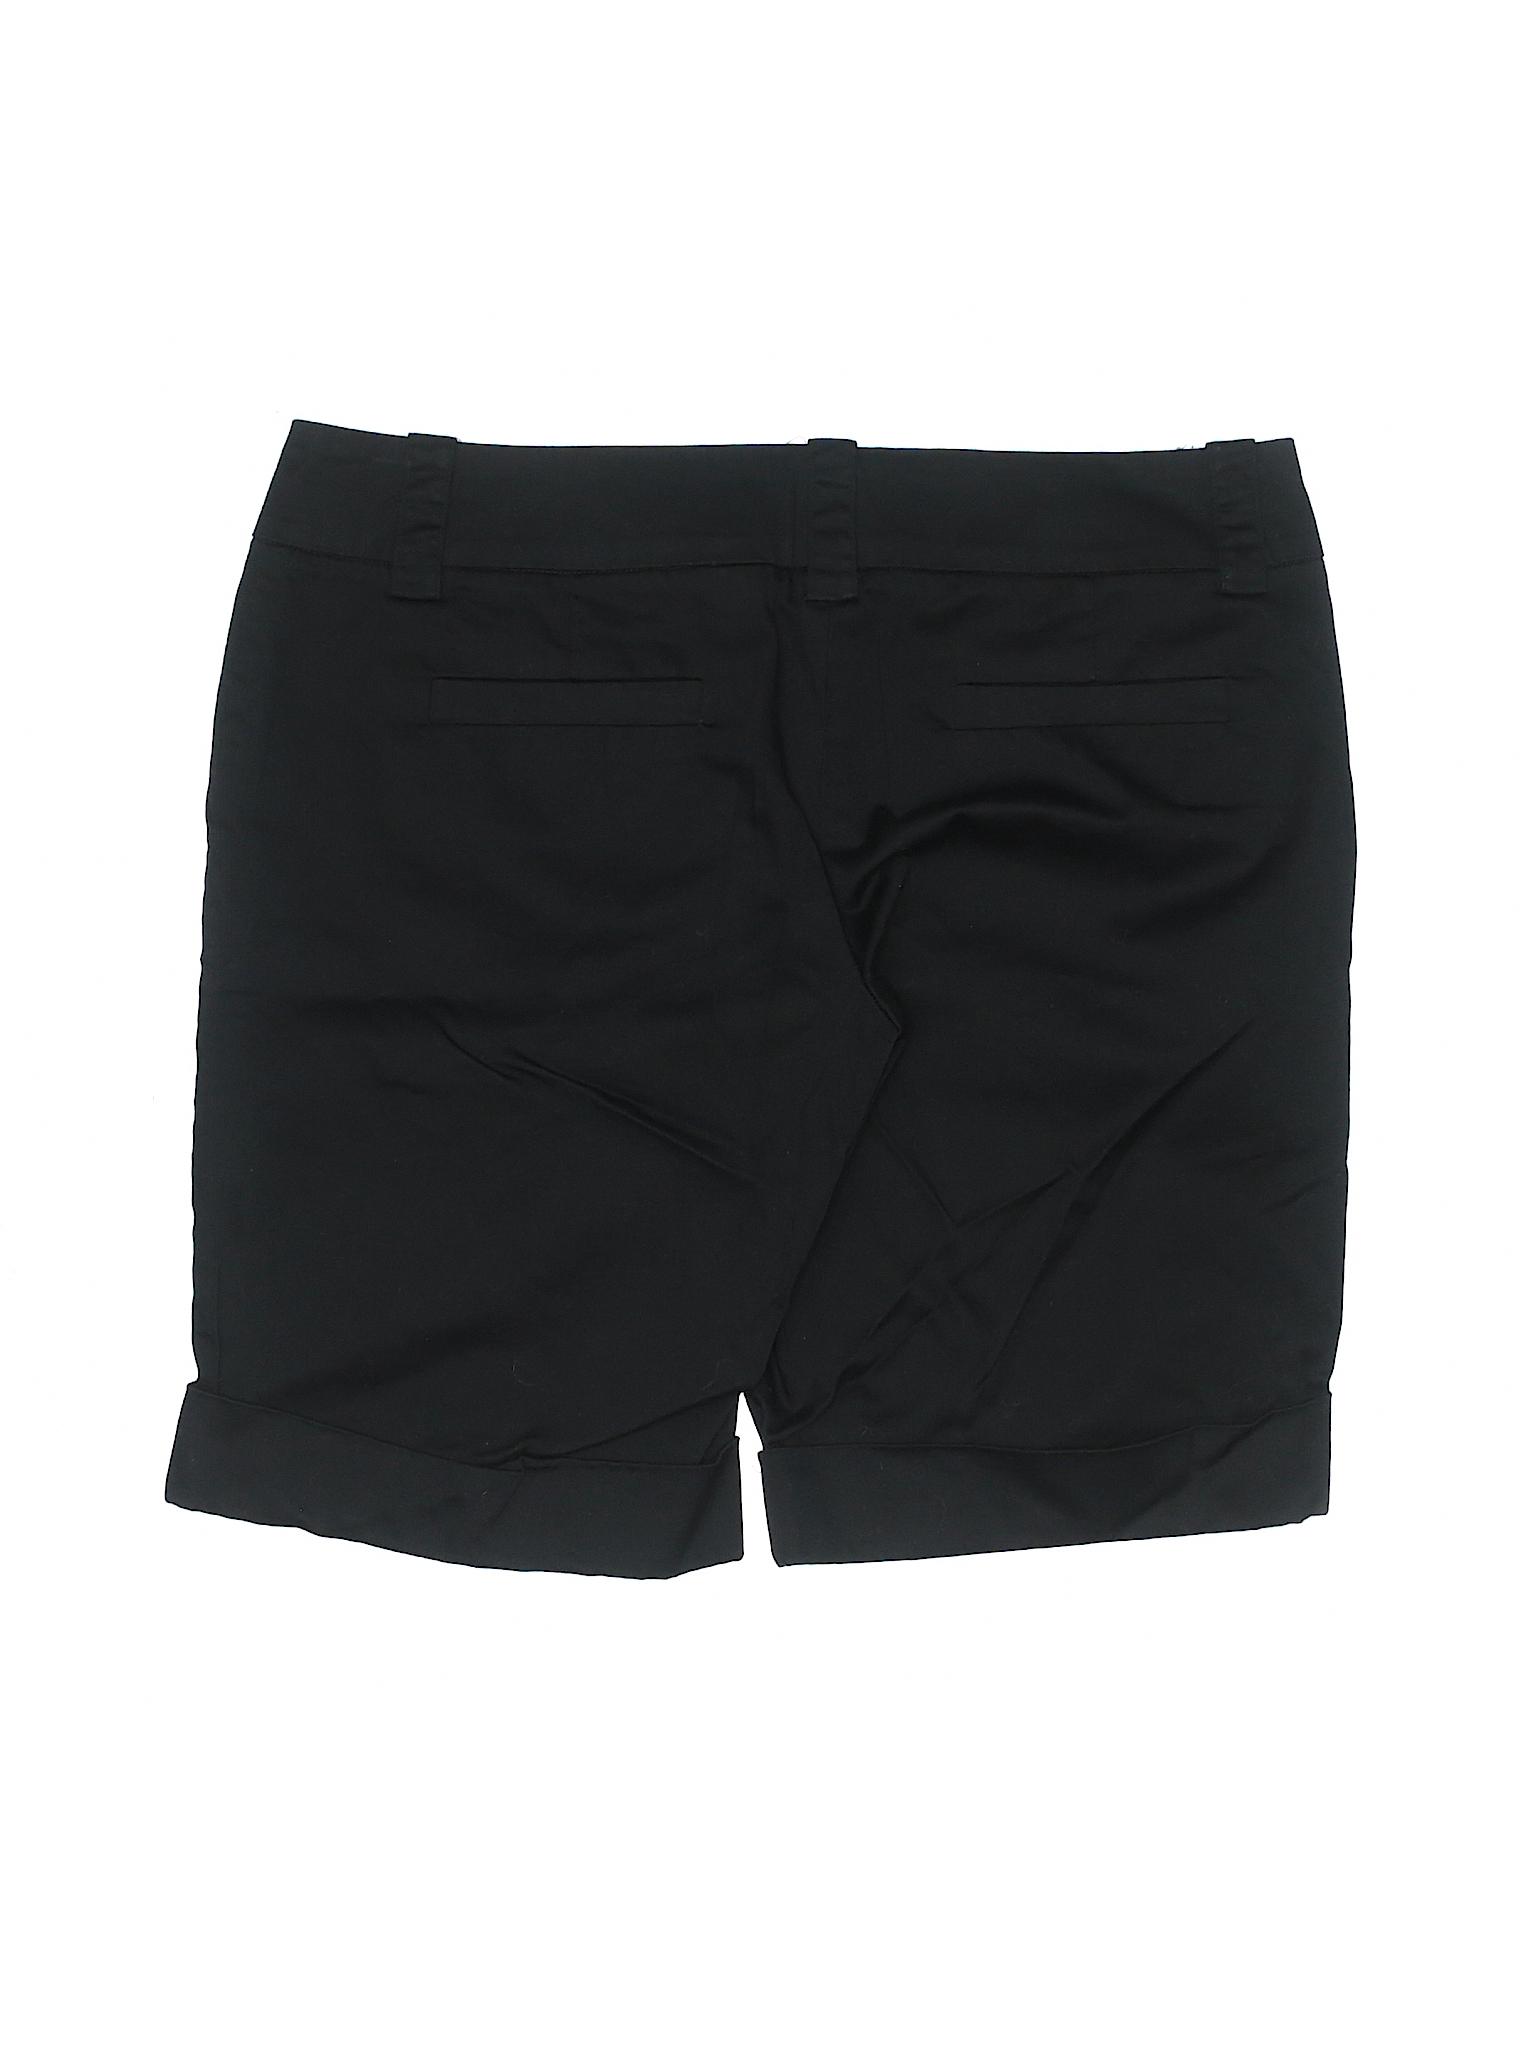 Boutique The Dressy Boutique Boutique Limited Dressy The Limited The Shorts Shorts qZCPYw